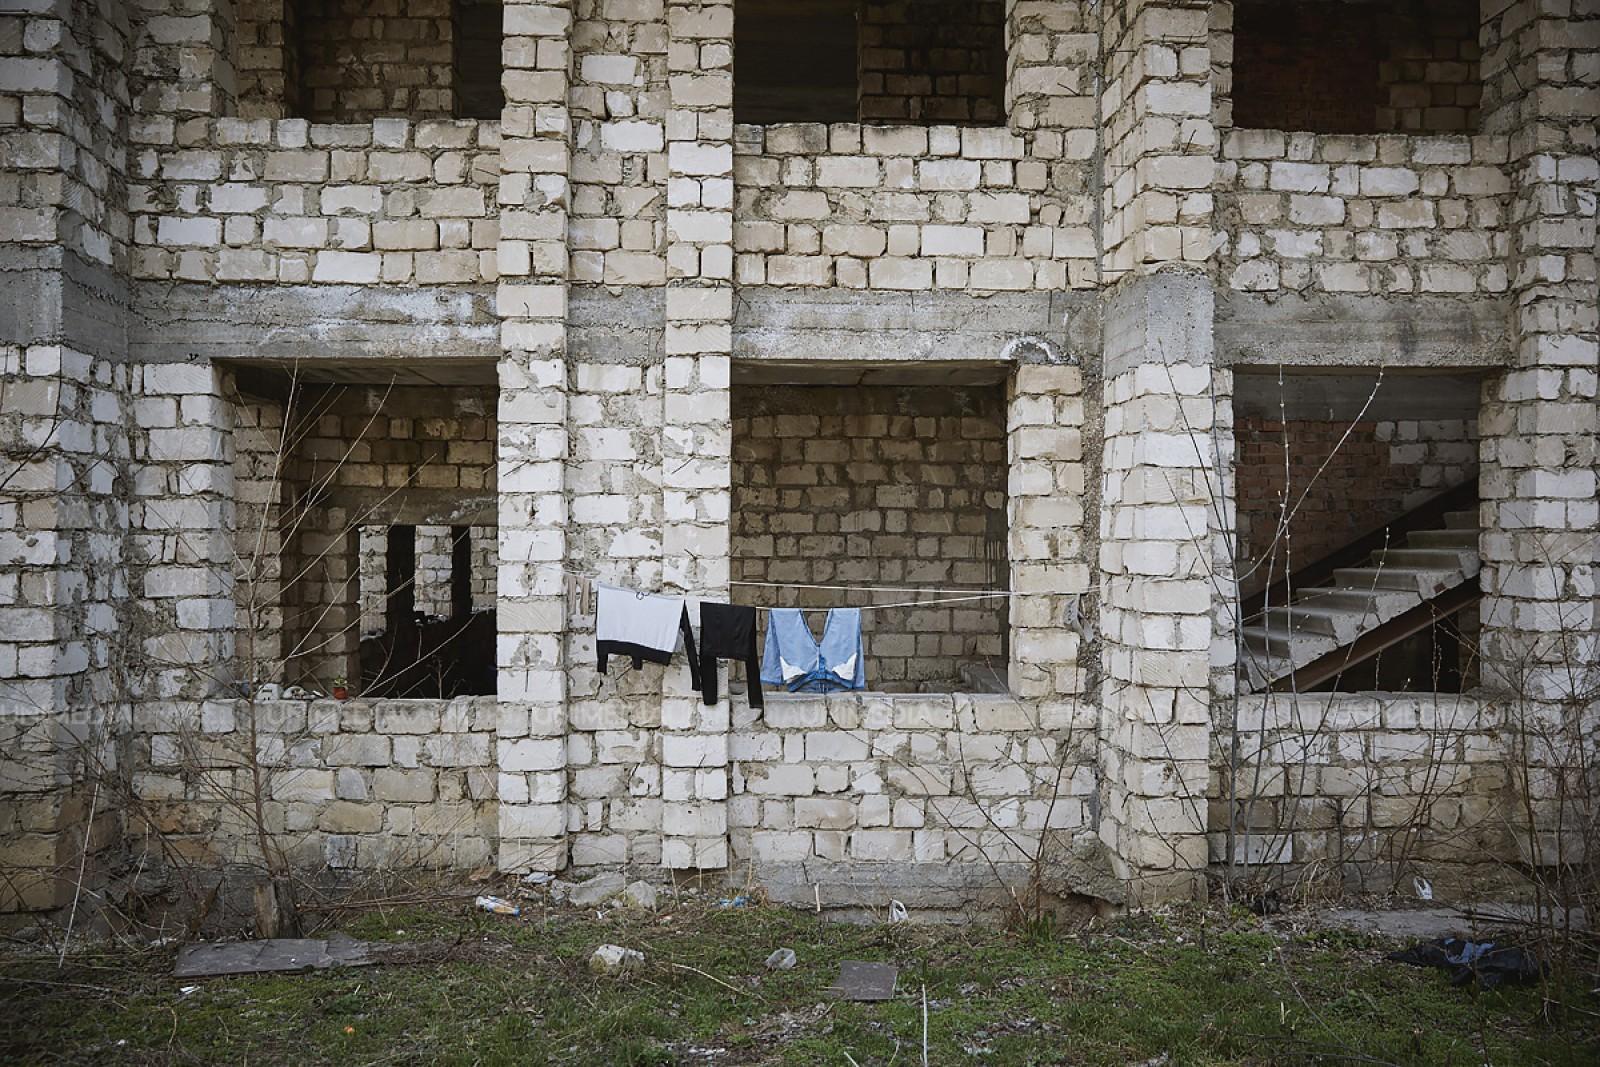 Ziua internațională a copiilor străzii: Doar anul trecut, șase sute de copii au abandonat domiciliul